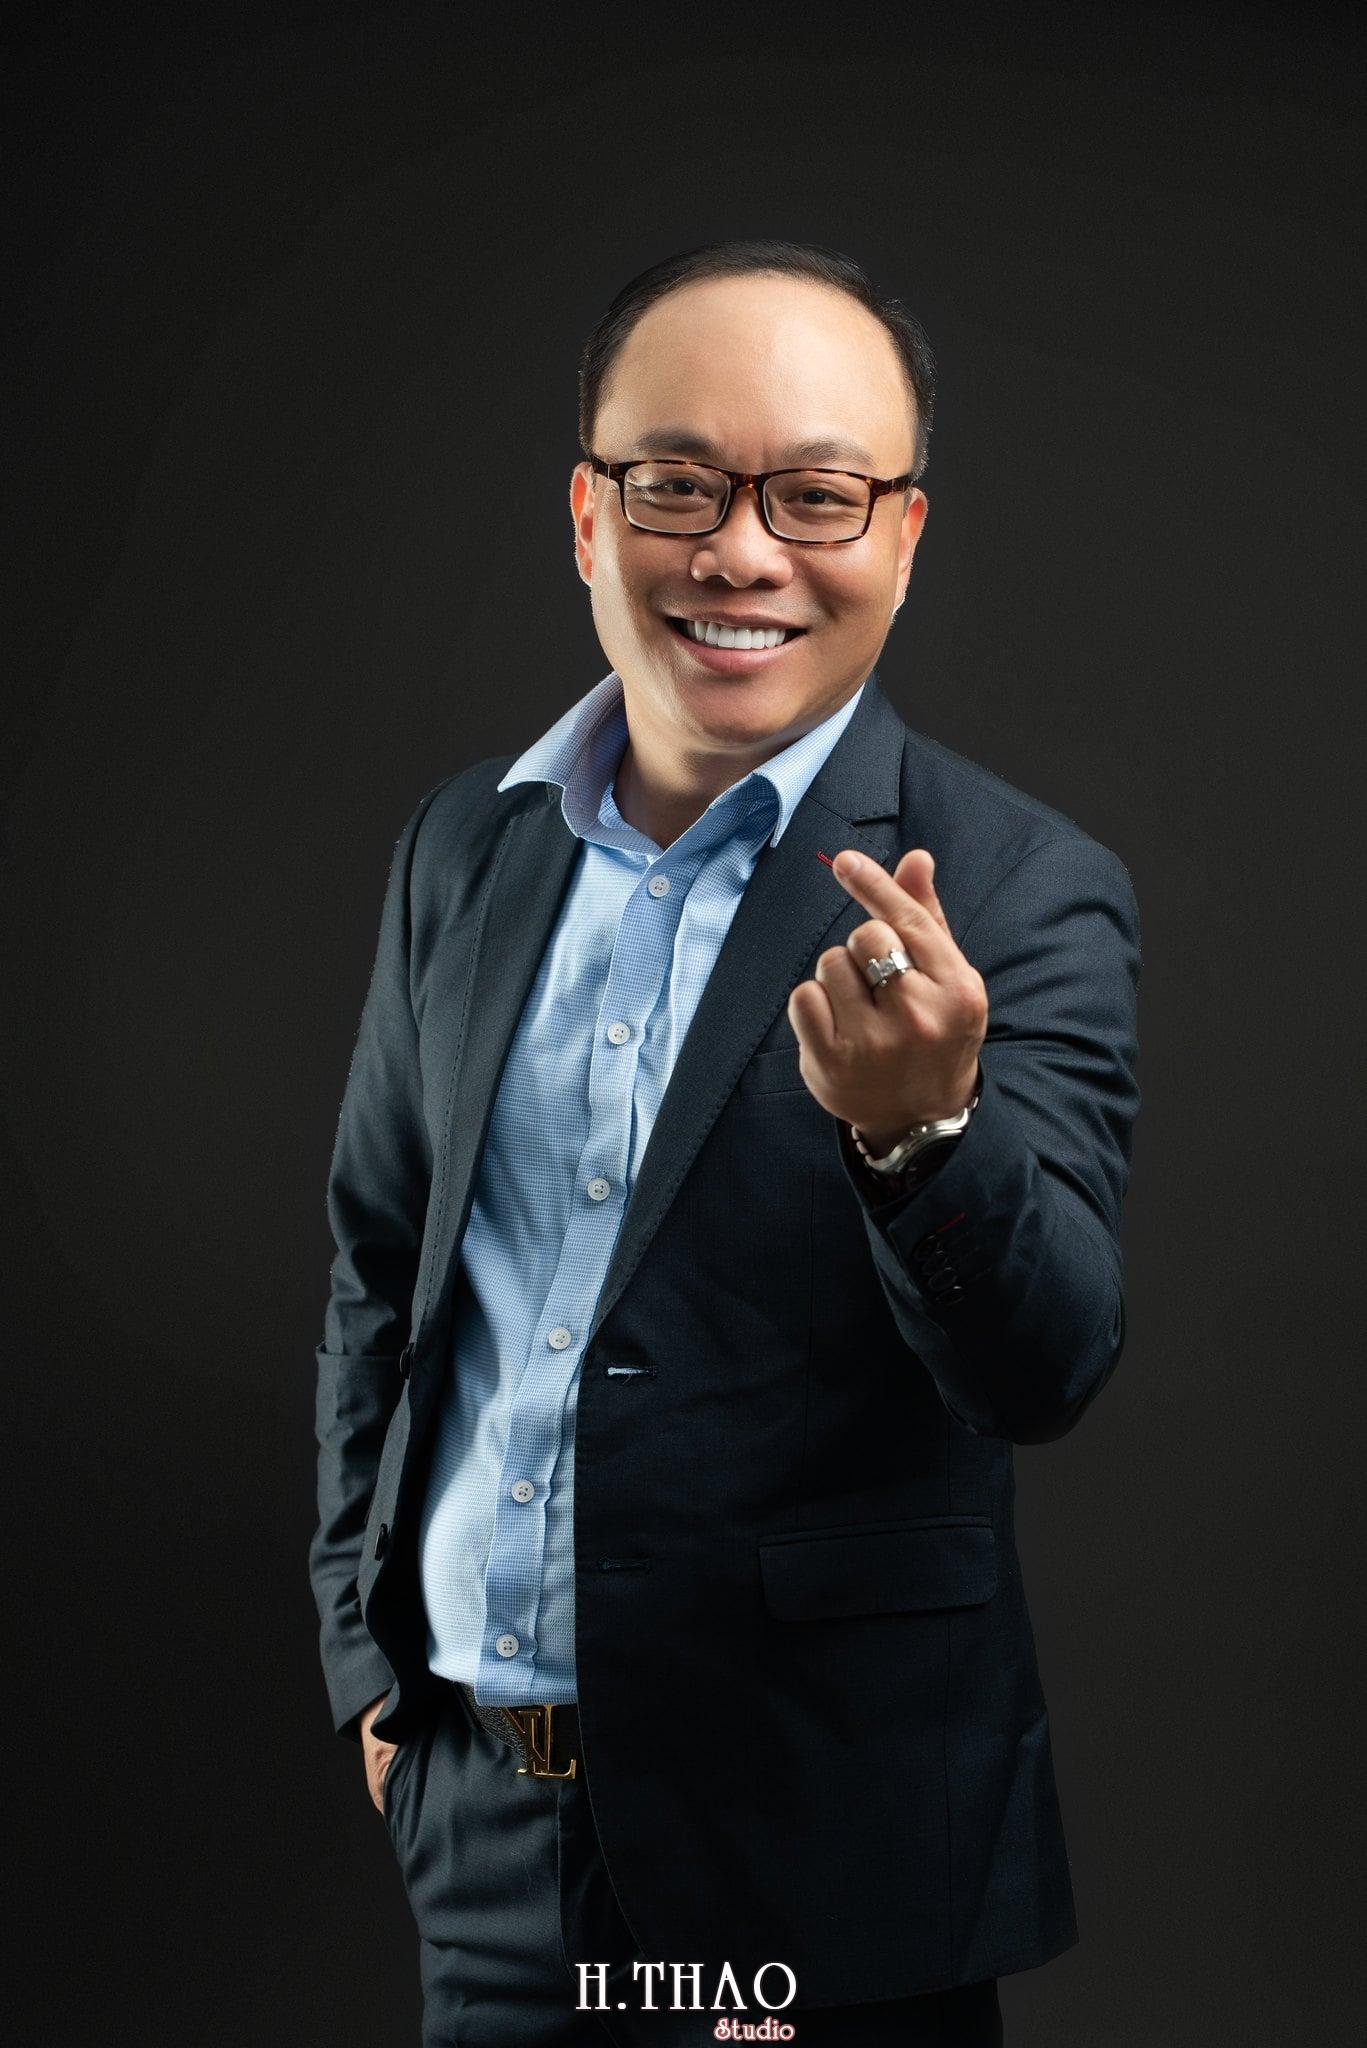 Anh Duy An 3 min - Album ảnh giảng viên, tiến sĩ Duy Ân trẻ tuổi năng động - HThao Studio